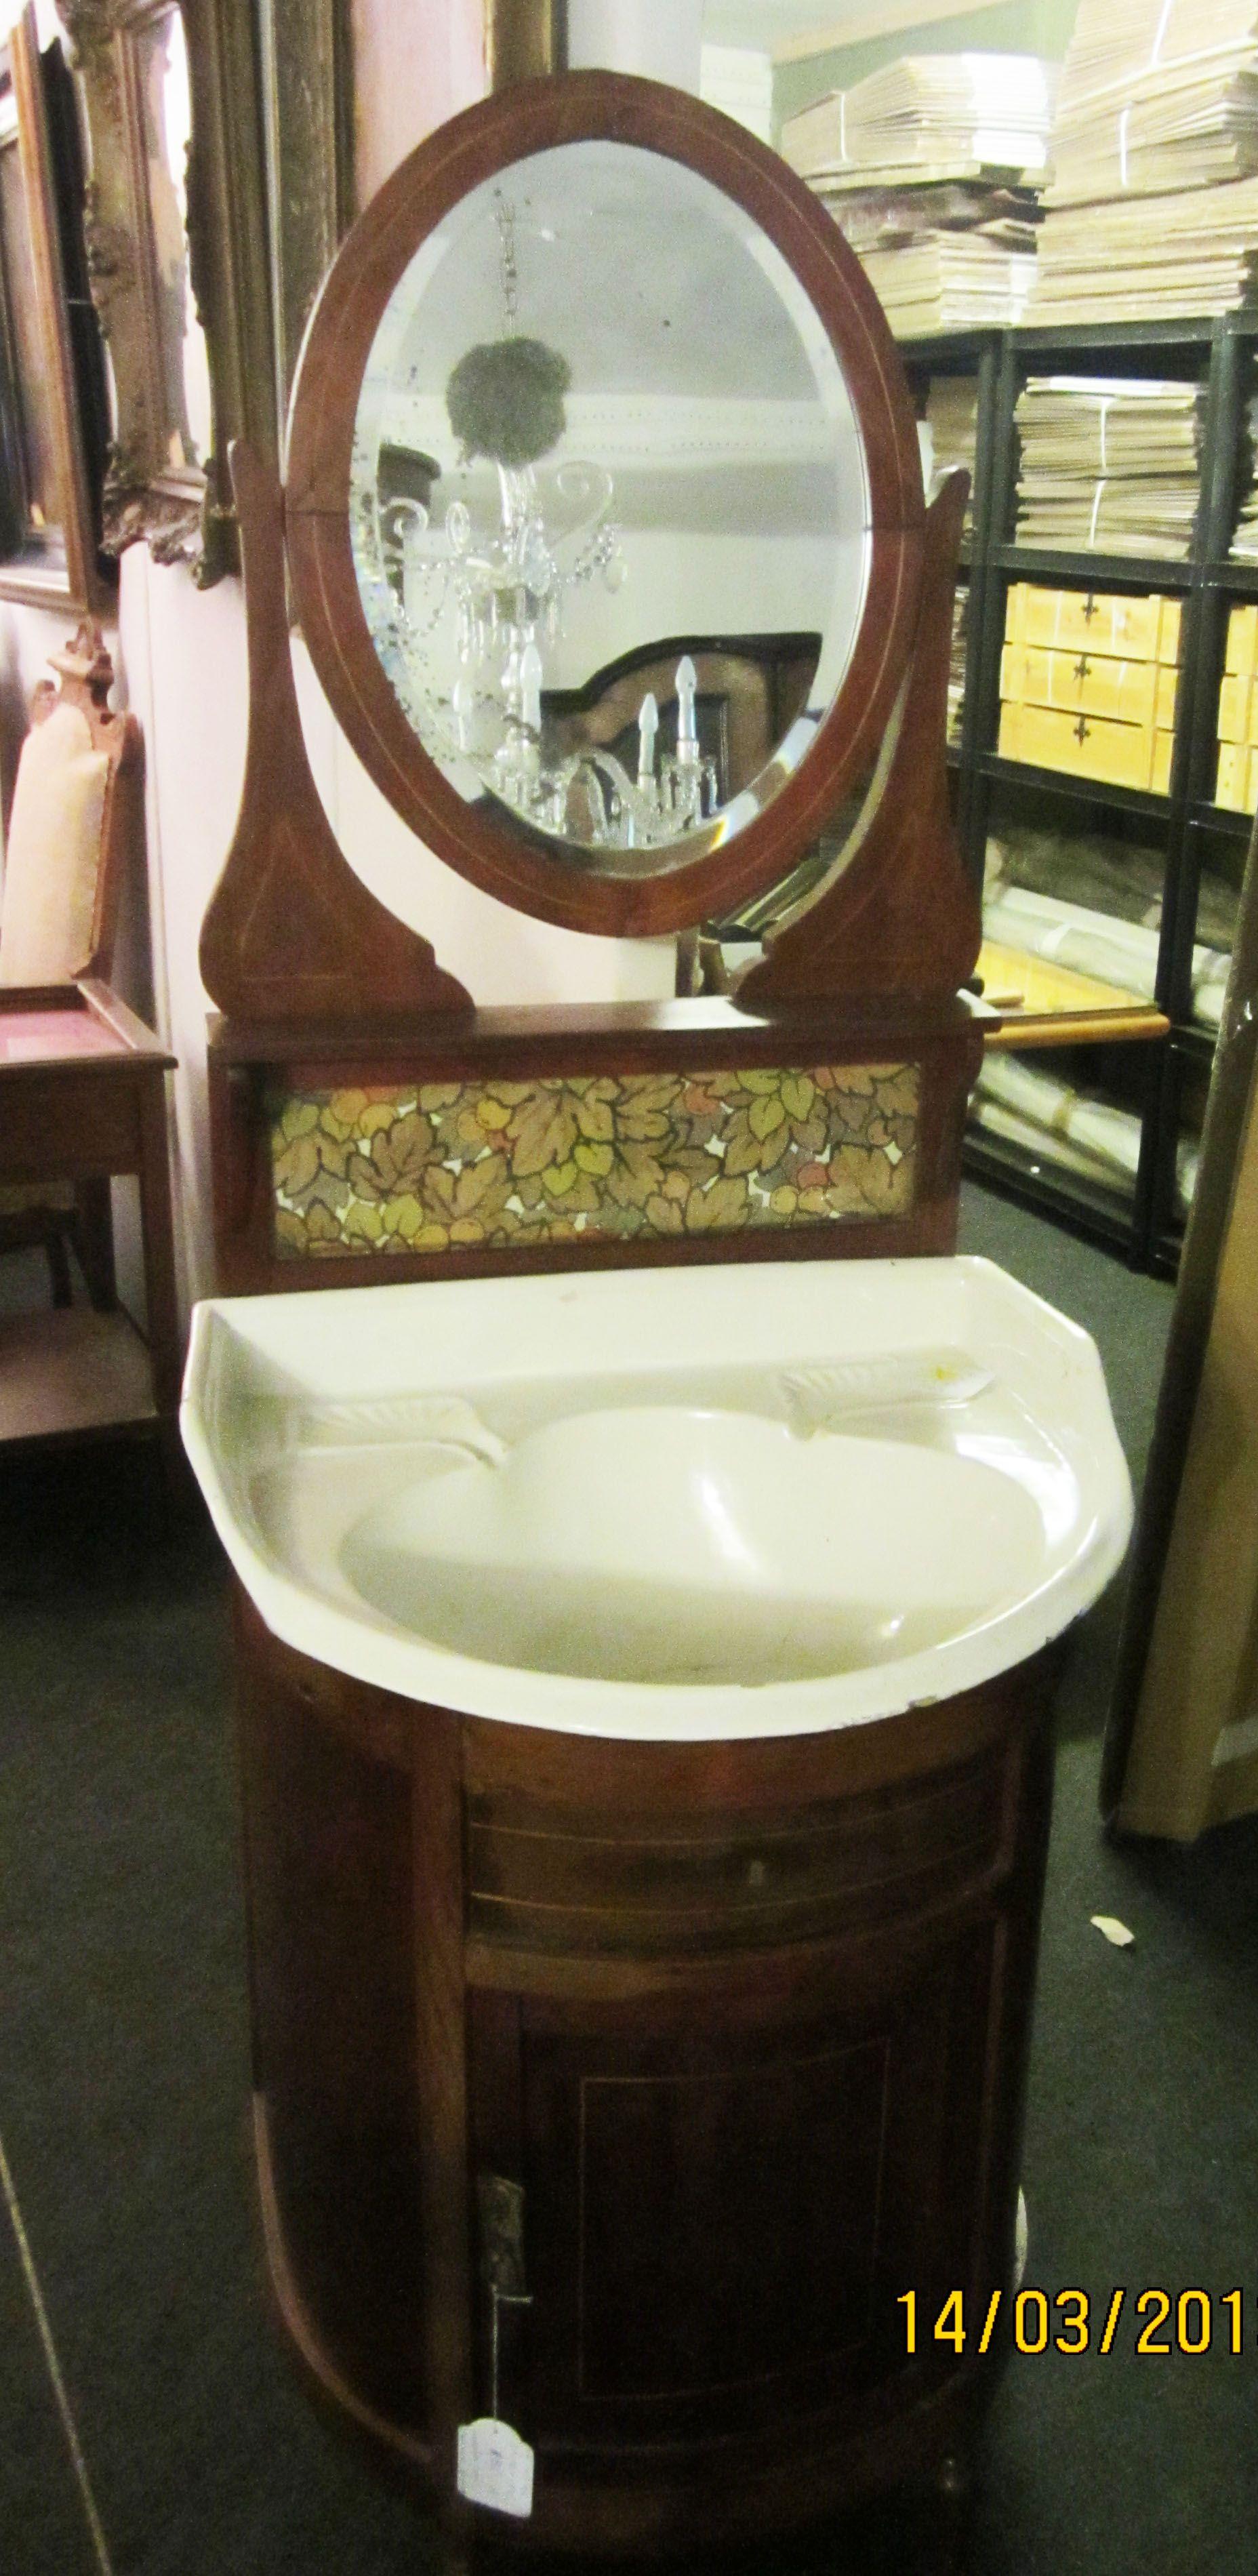 Antiguo lavabo de cerámica sobre mueble de madera, con espejo ...